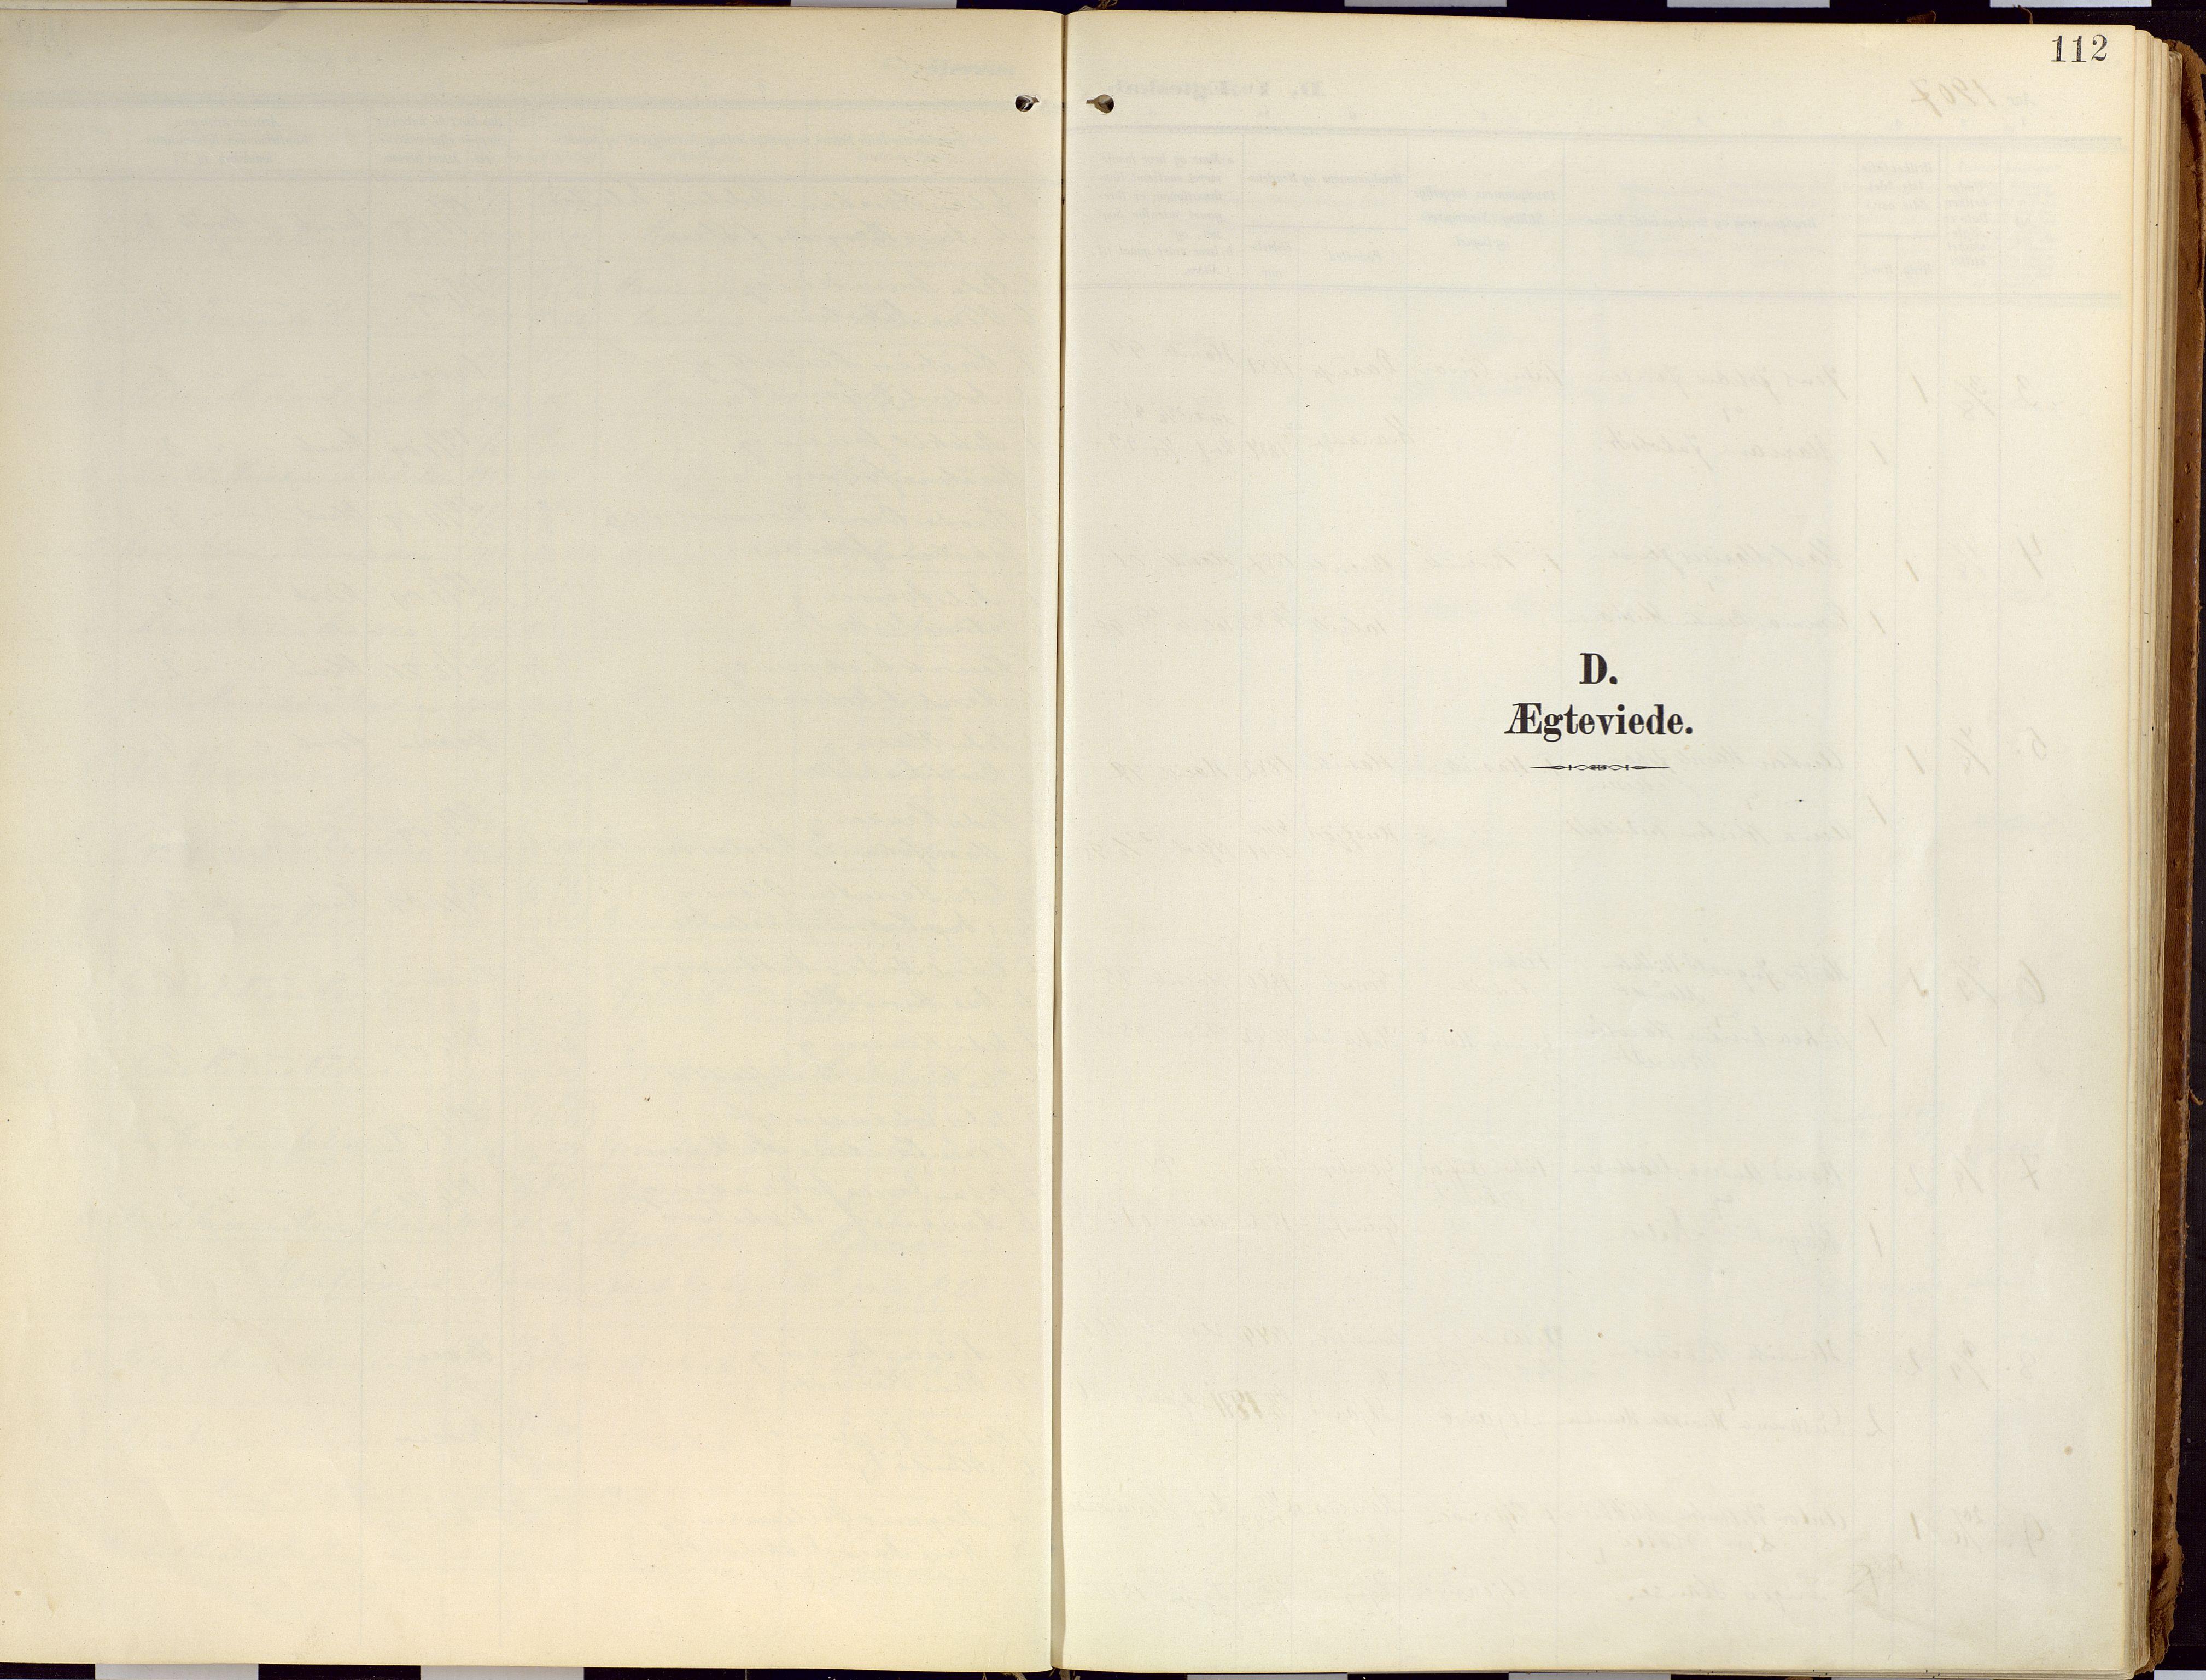 SATØ, Loppa sokneprestkontor, H/Ha/L0010kirke: Ministerialbok nr. 10, 1907-1922, s. 112